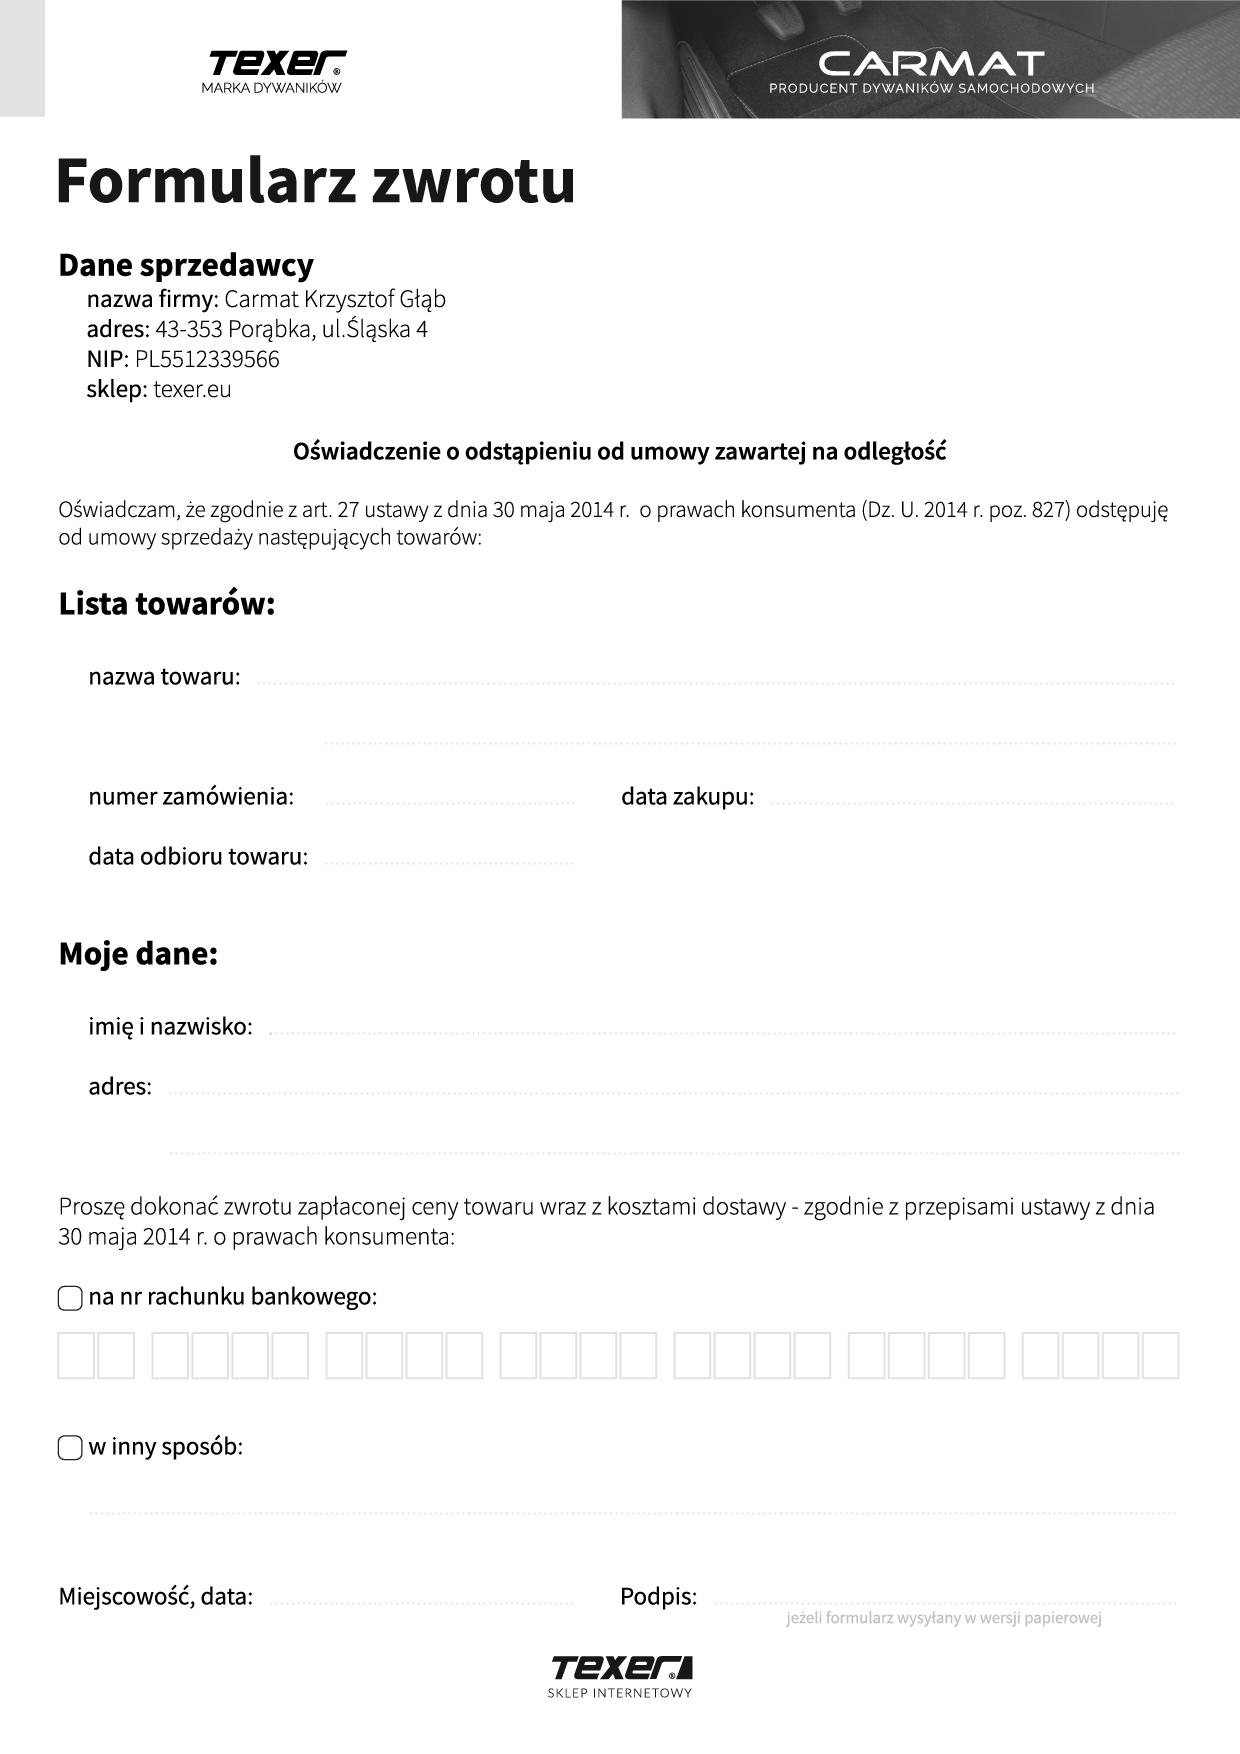 formularz zwrotu